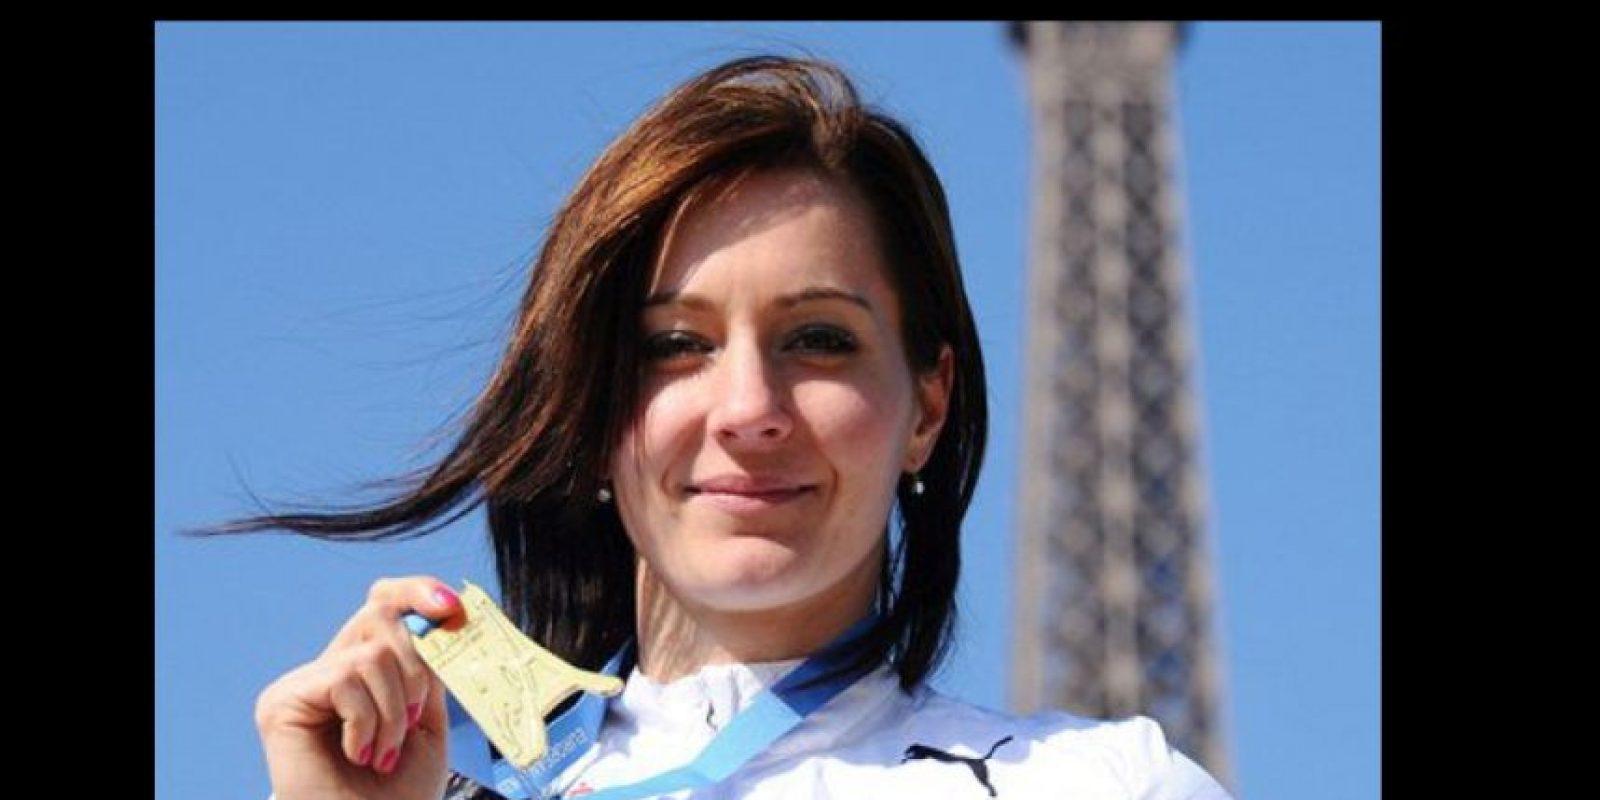 Compite en salto de longitud, 400 metros, 4X400 metros, 400 metros vallas y heptatlón Foto:Vía facebook.com/denisa.rosolova